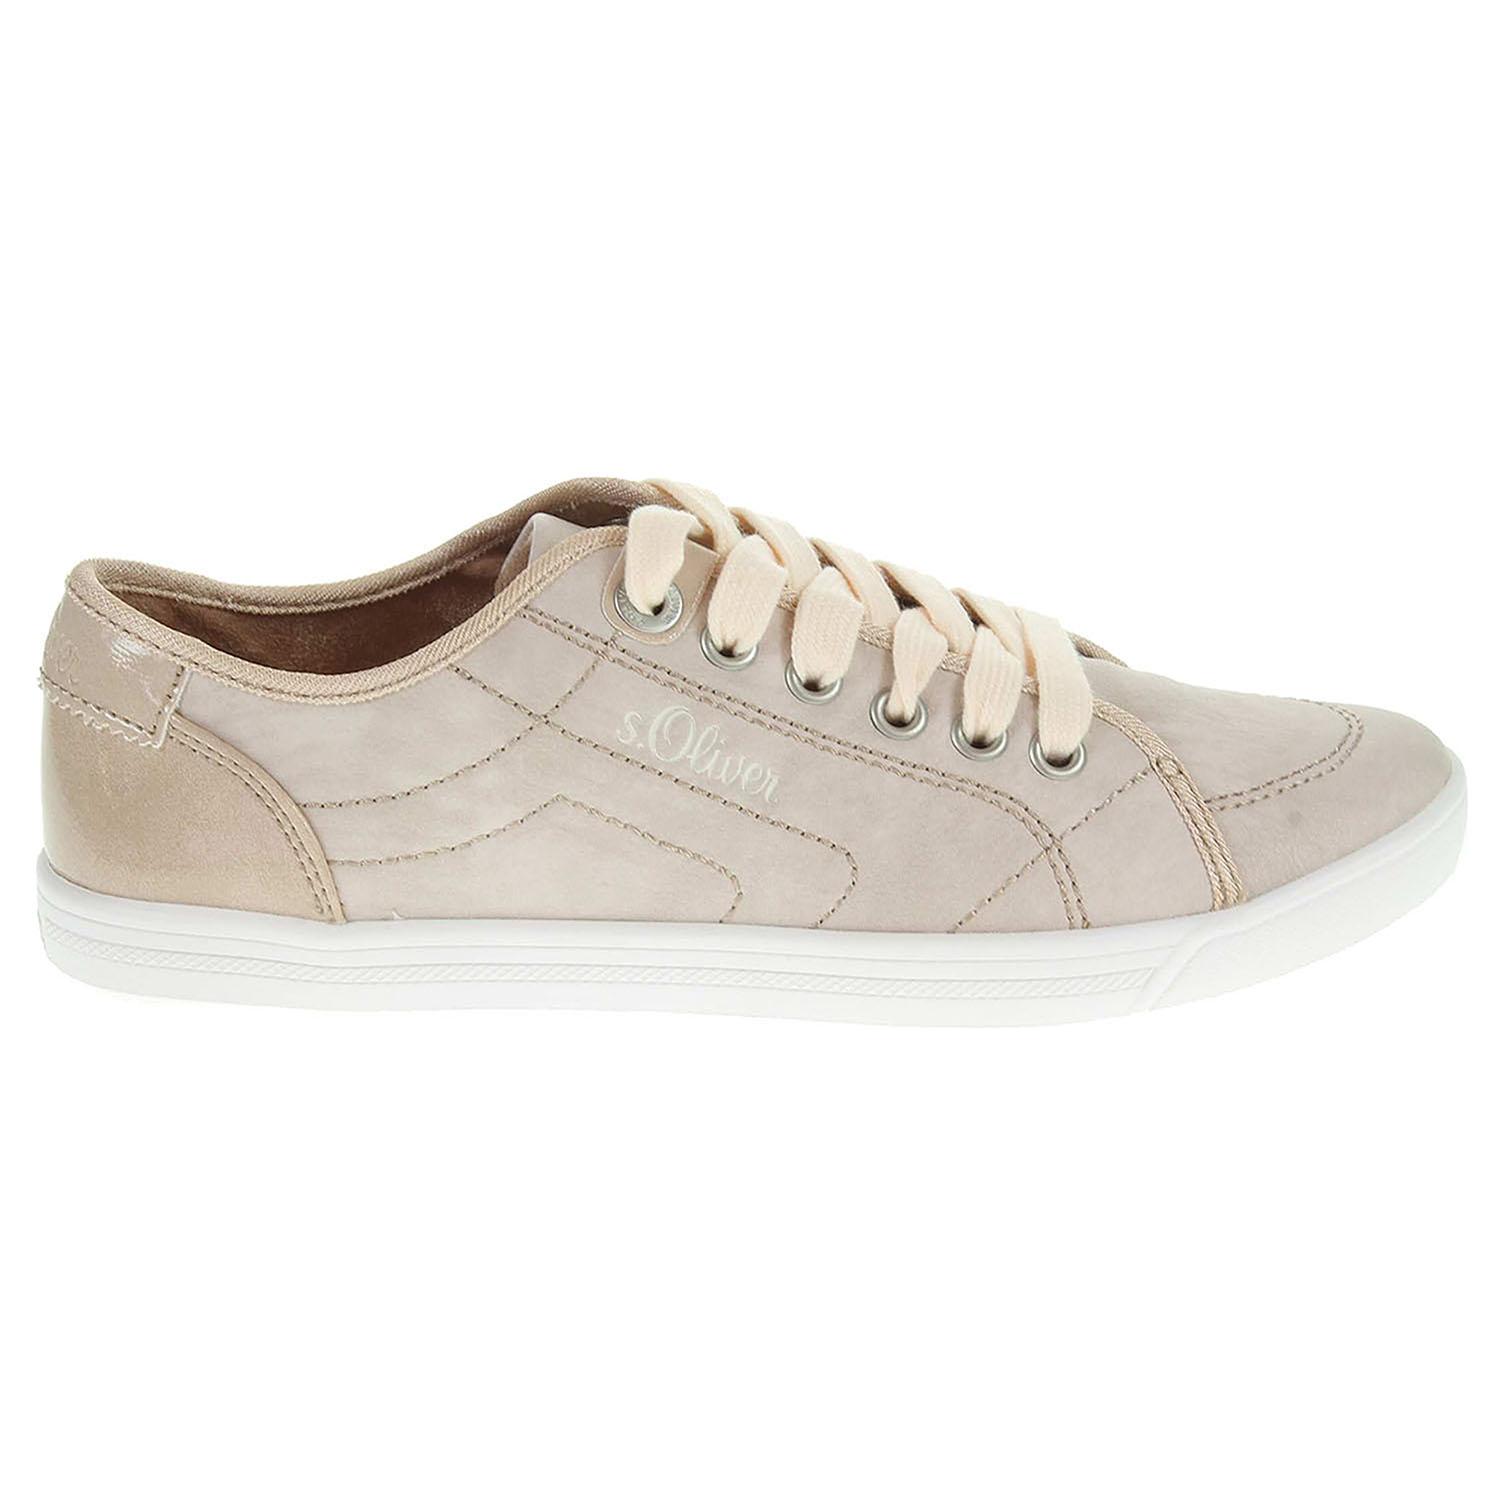 s.Oliver dámská obuv 5-23631-26 béžová 42